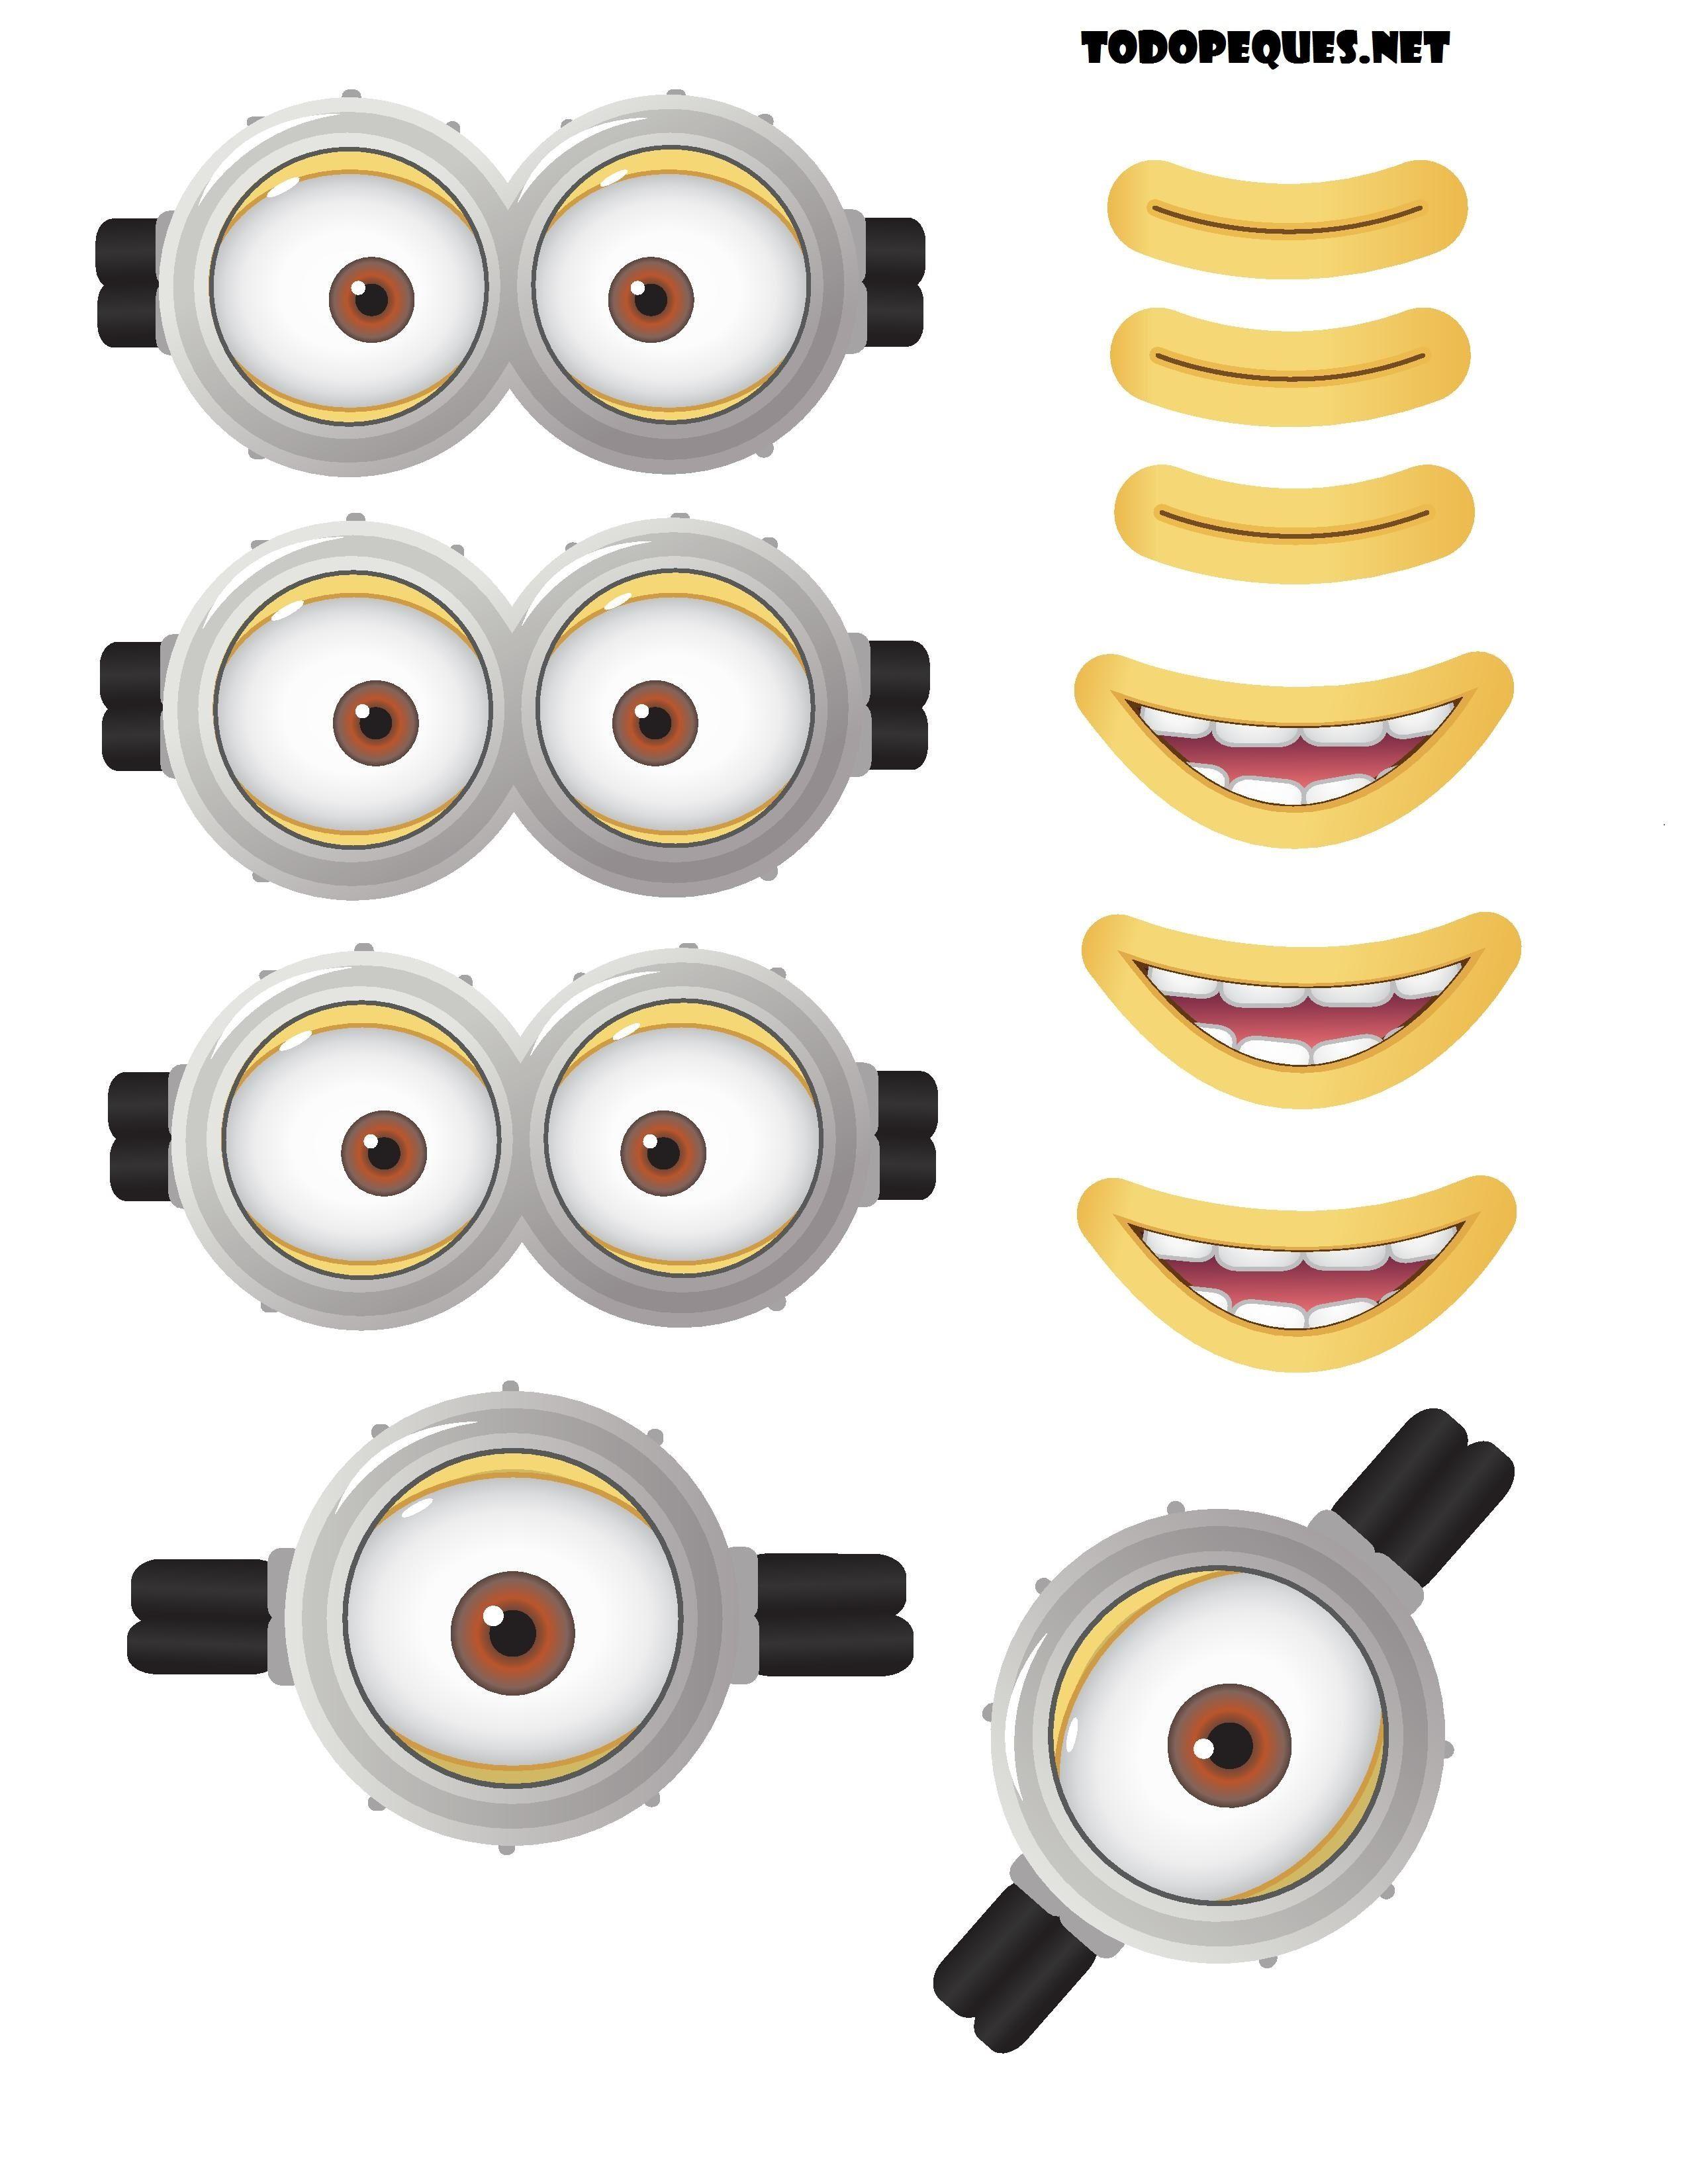 Moldes de ojos y bocas de Minions para imprimir gratis | escuela ...